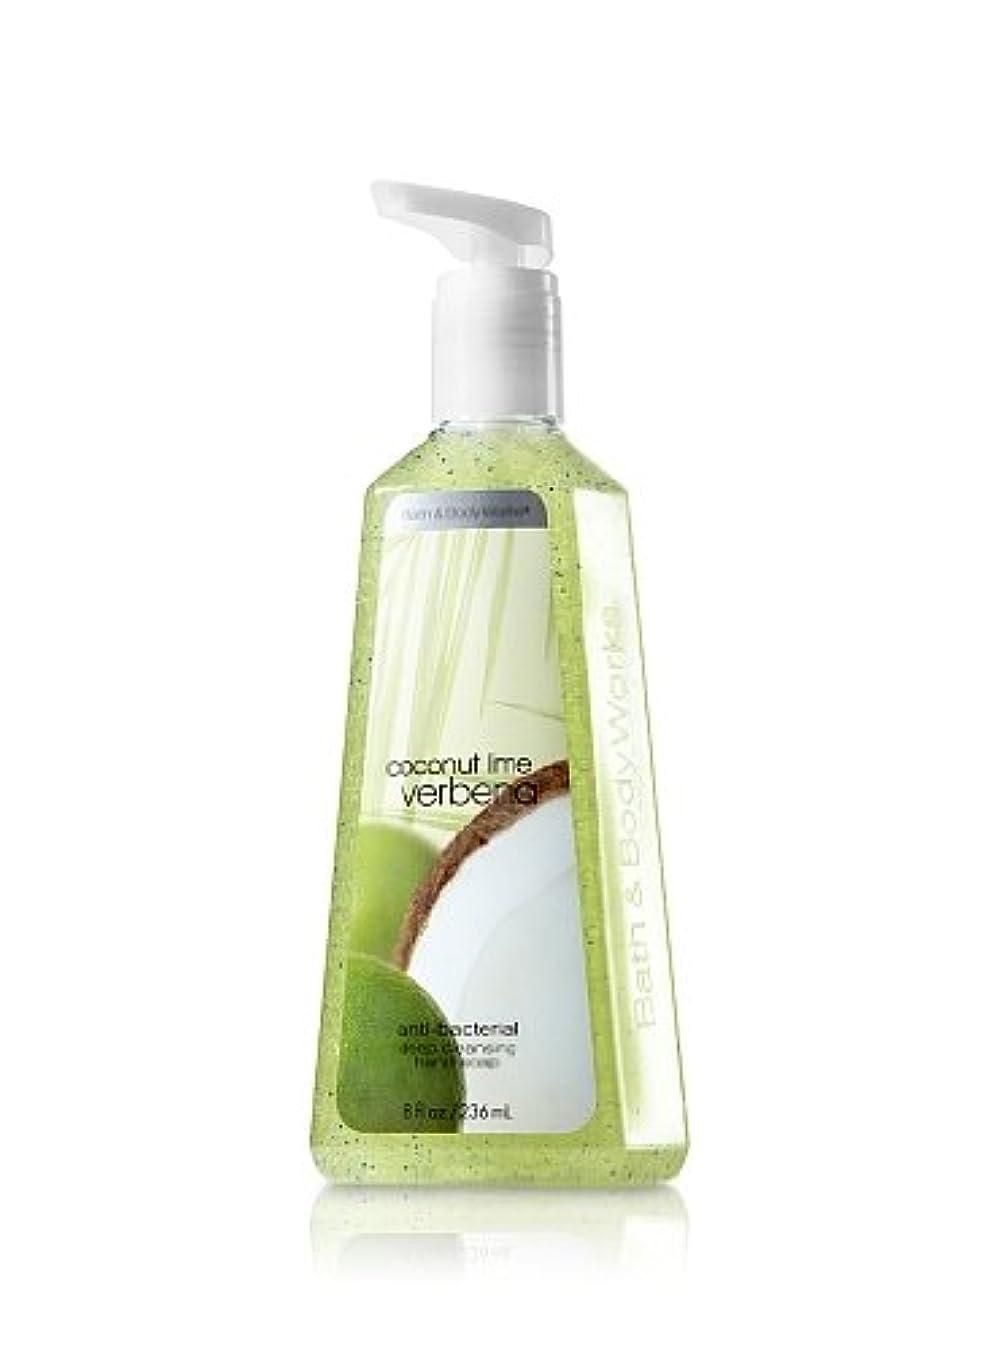 病者誕生日精神的にバス&ボディワークス ココナッツライムバーベナ ディープクレンジングハンドソープ Coconut Lime Verbena Deep Cleansing Hand Soap [海外直送品]